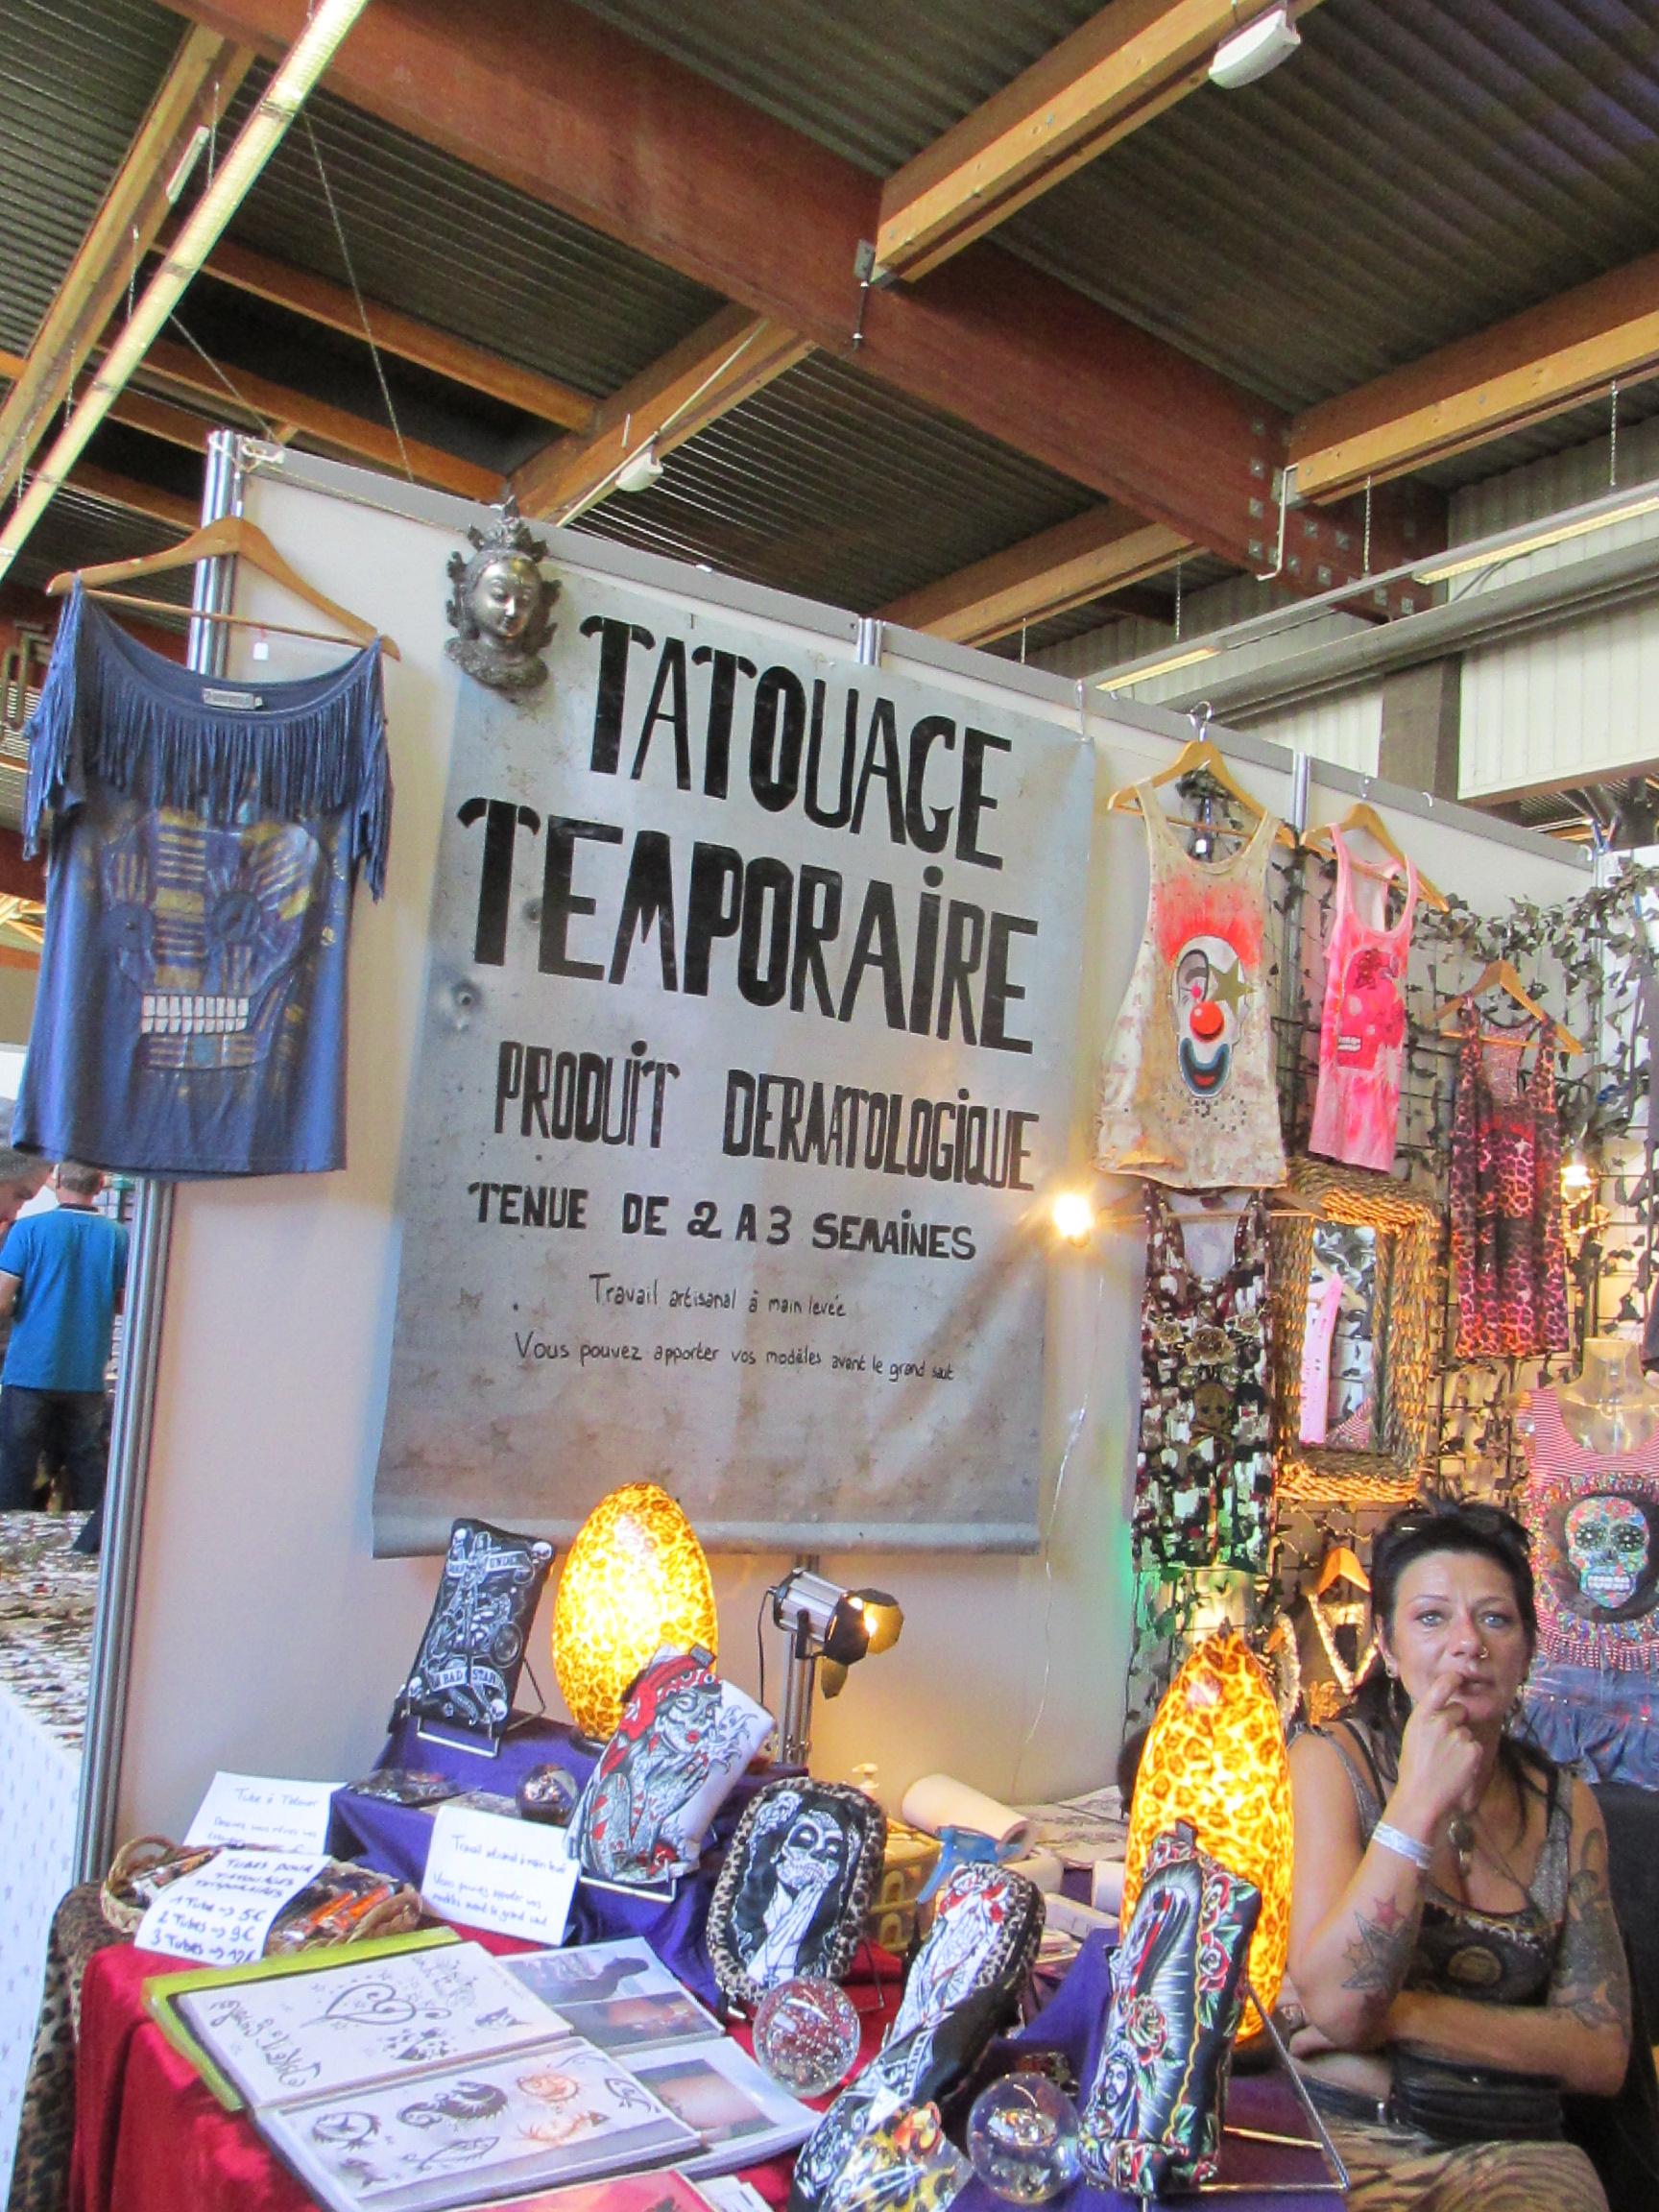 convention de tatouage montelimar